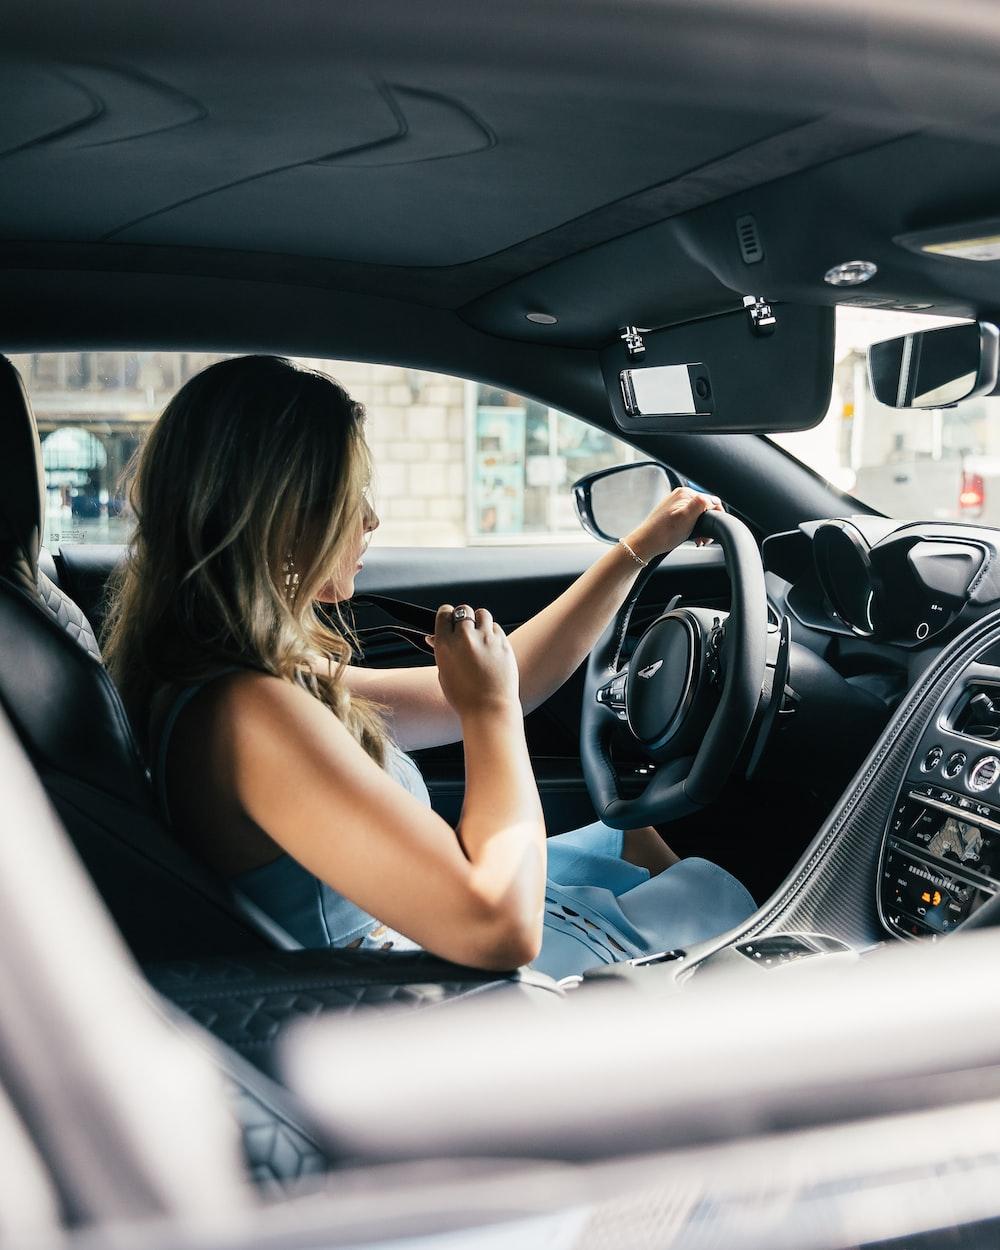 woman wearing white tank top driving vehicle during daytime